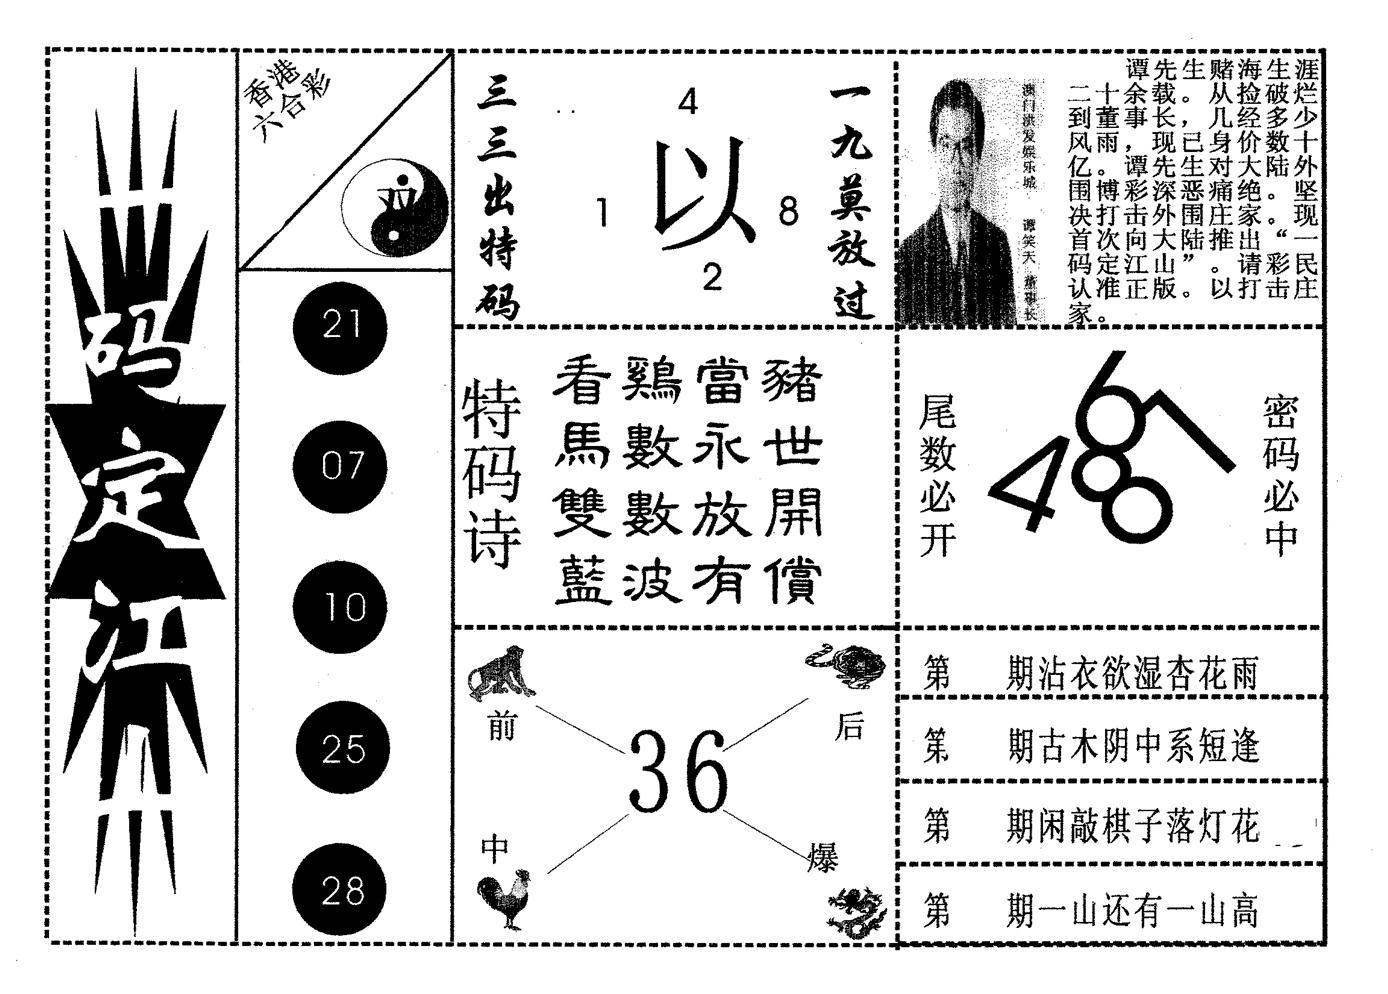 085期一码定江山(黑白)